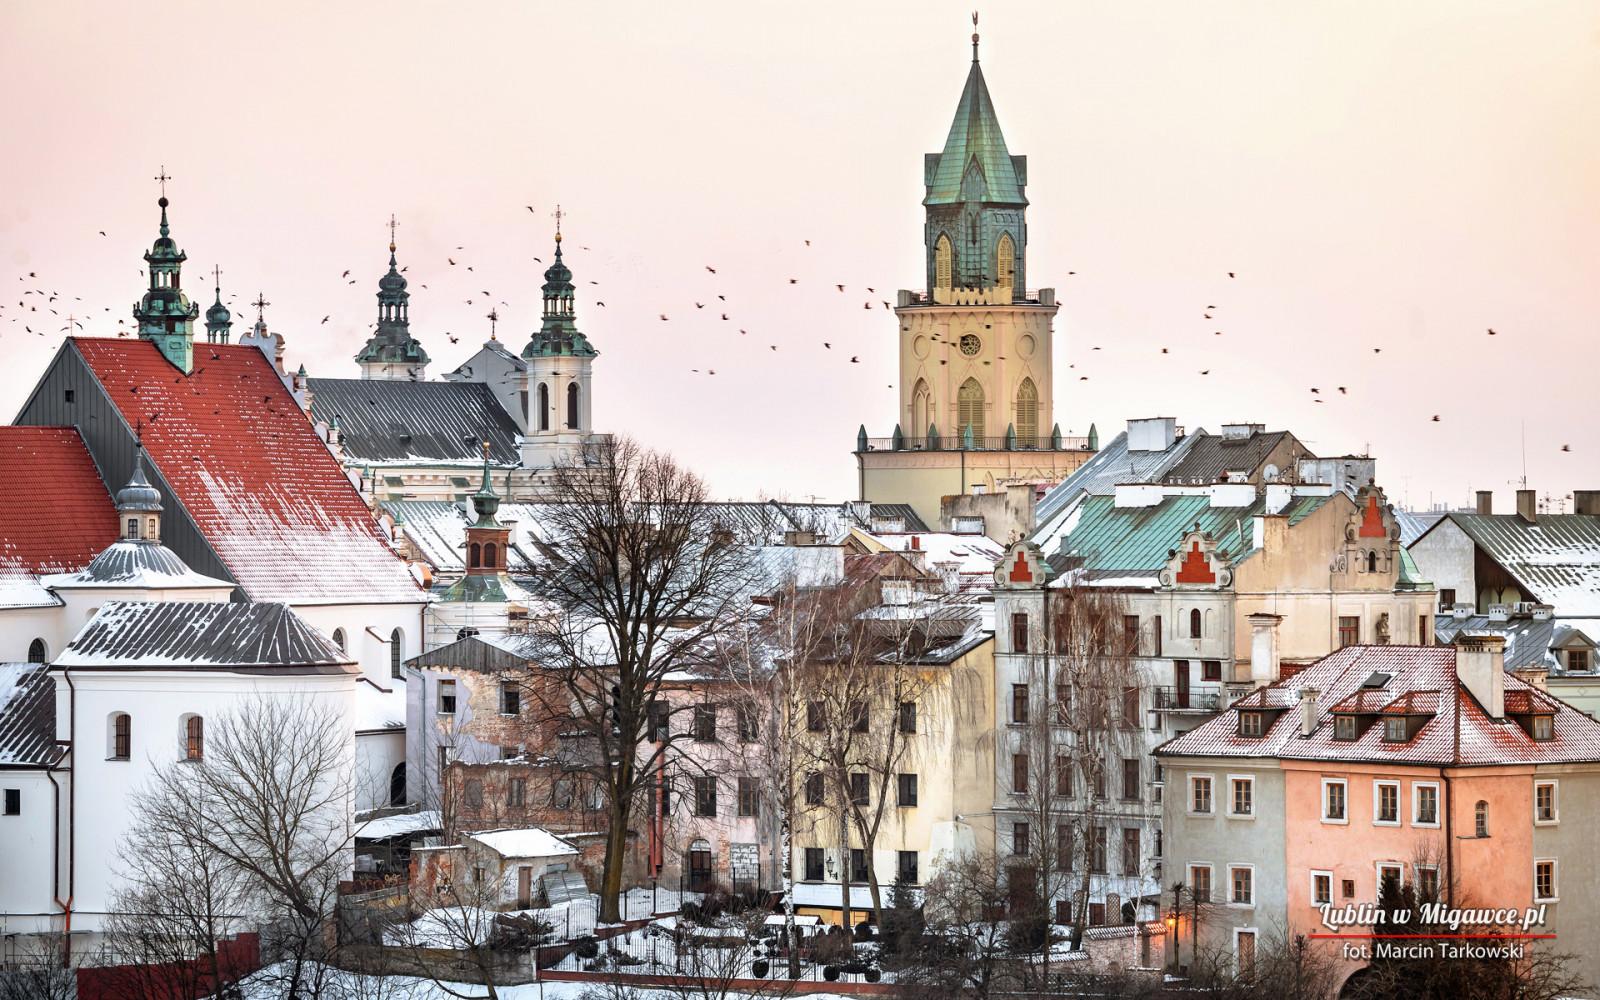 ルブリン, ポーランド, 研磨, 都市景観, 観光, ツーリスト, ヨーロッパ